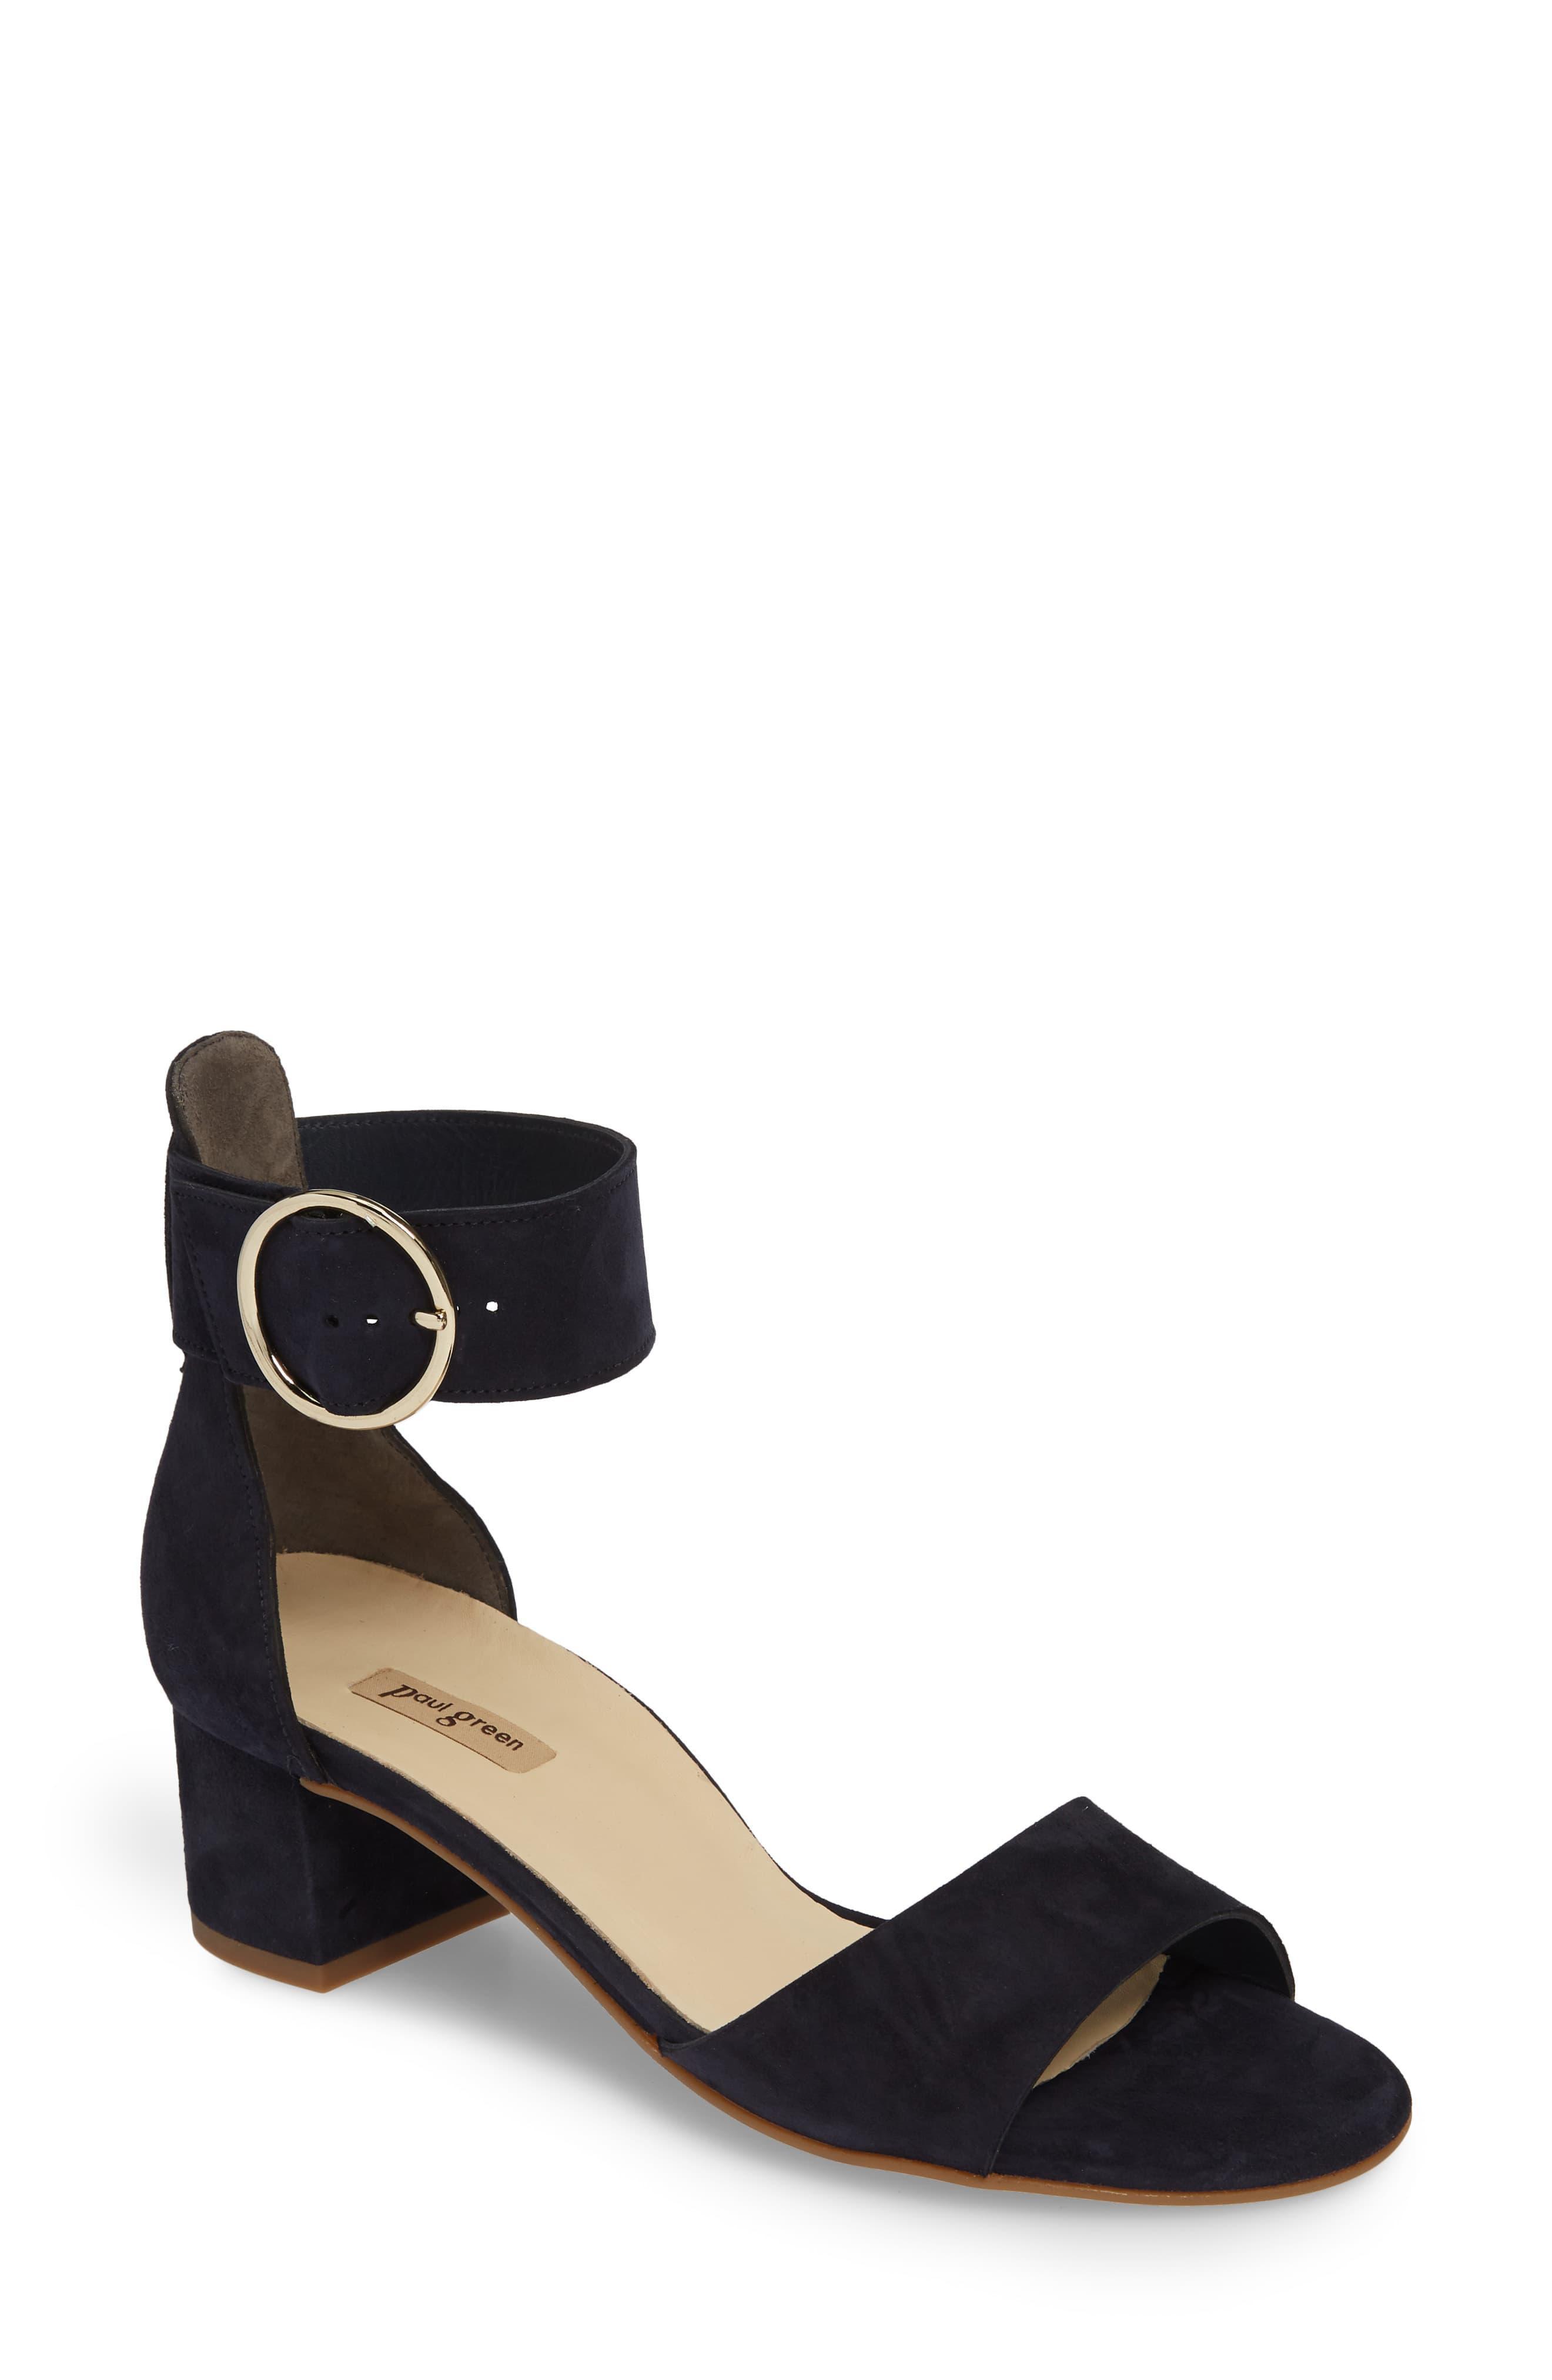 Paul Green Velma Ankle Strap Sandal in